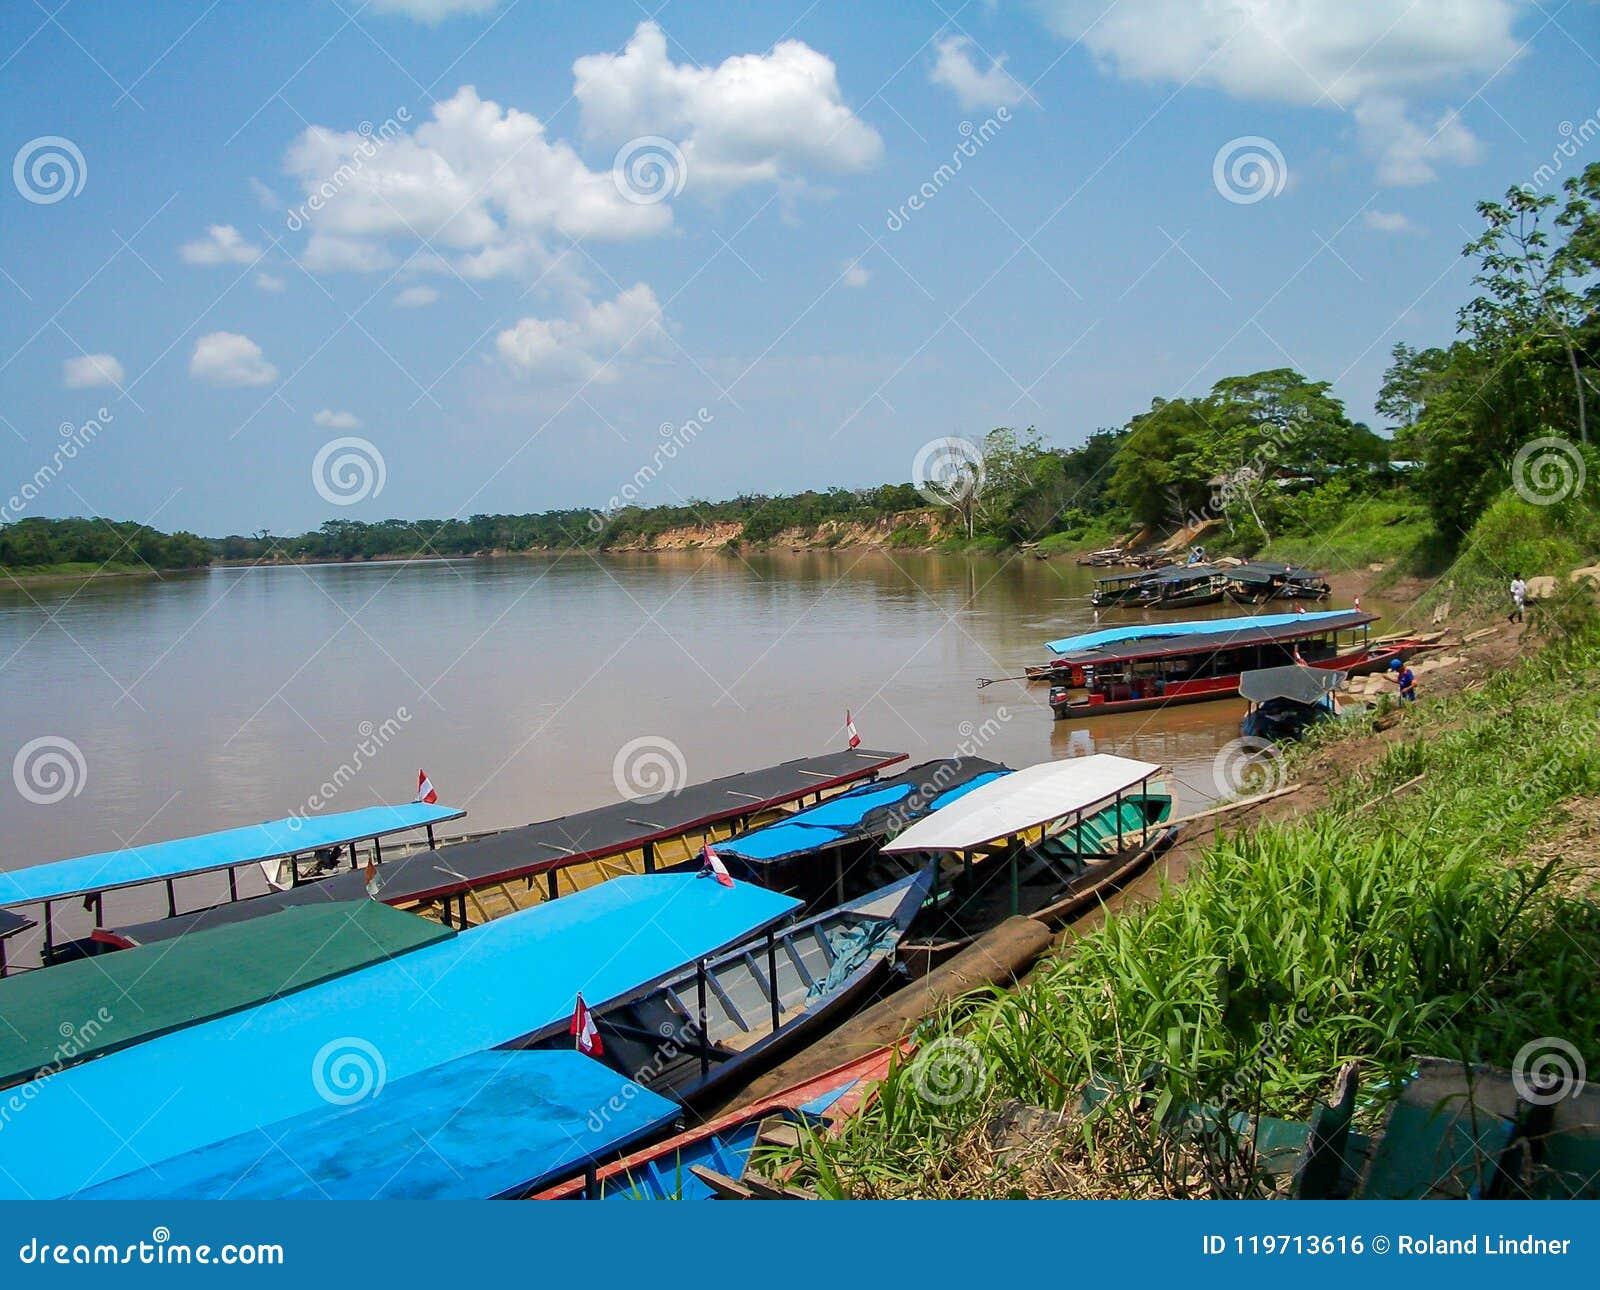 River bank in Peru